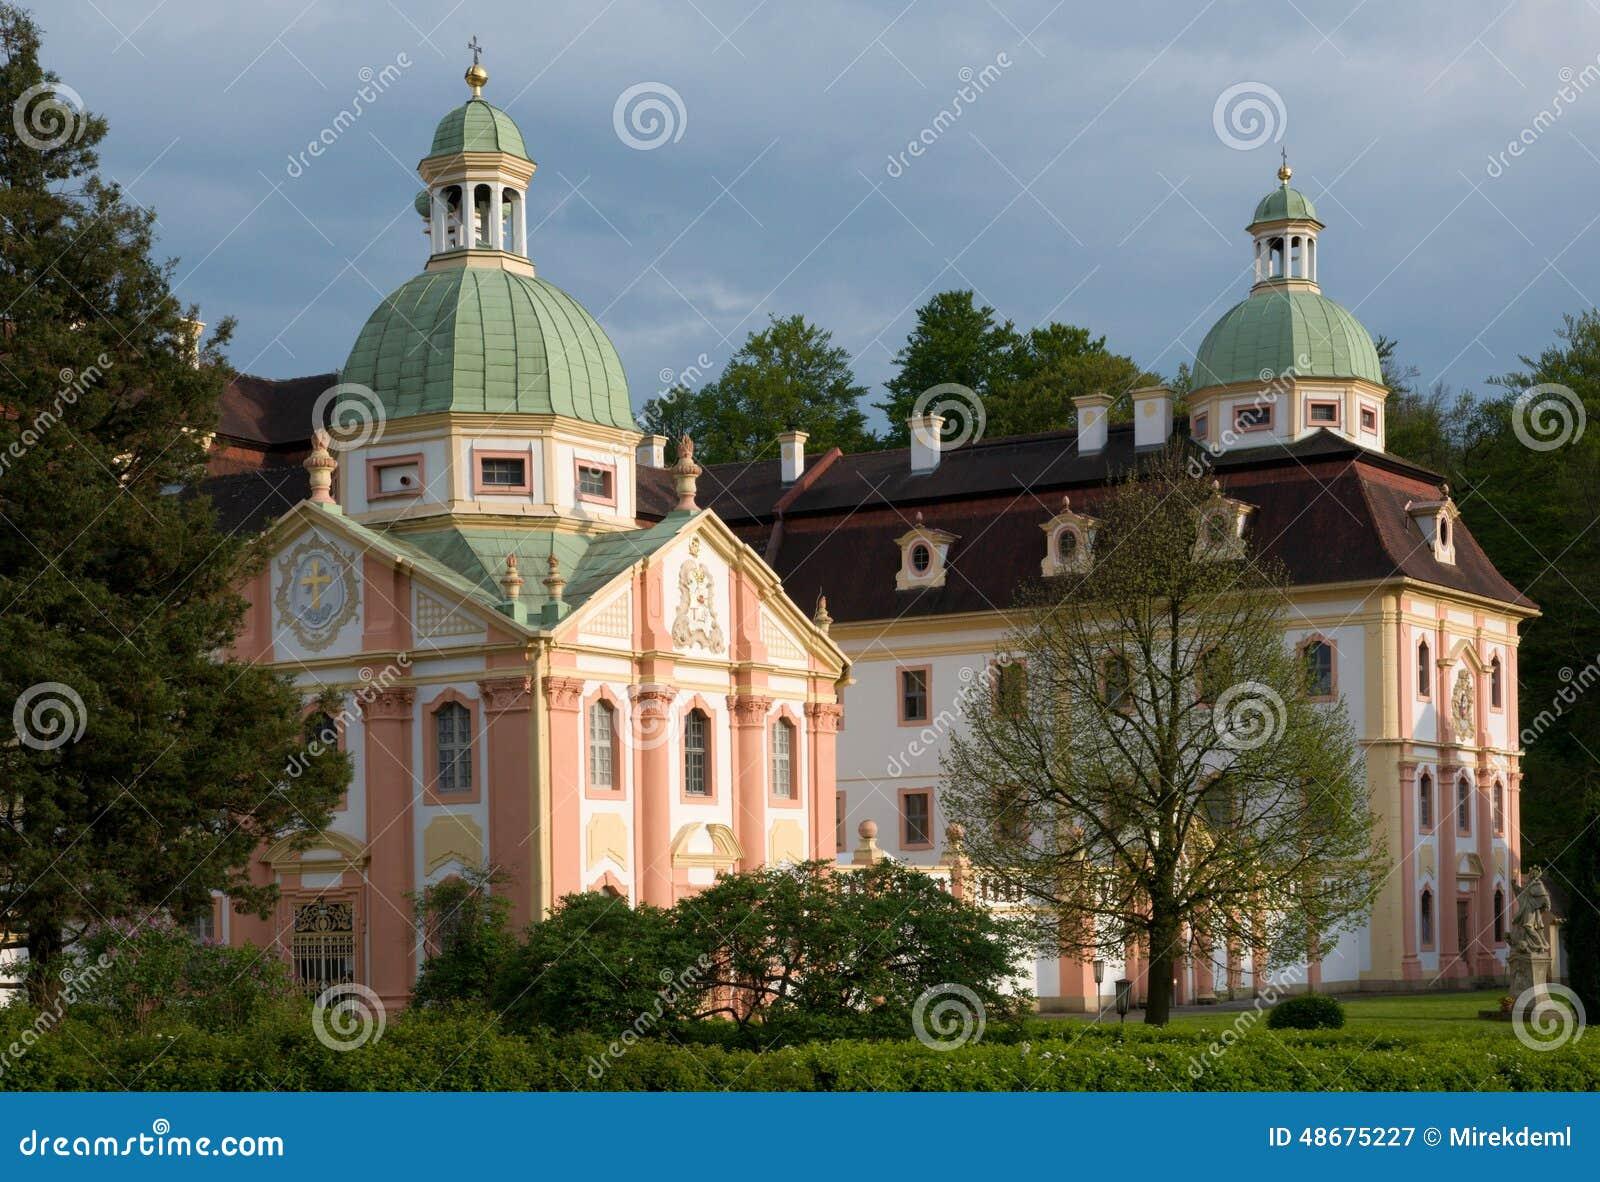 Mariental Deutschland